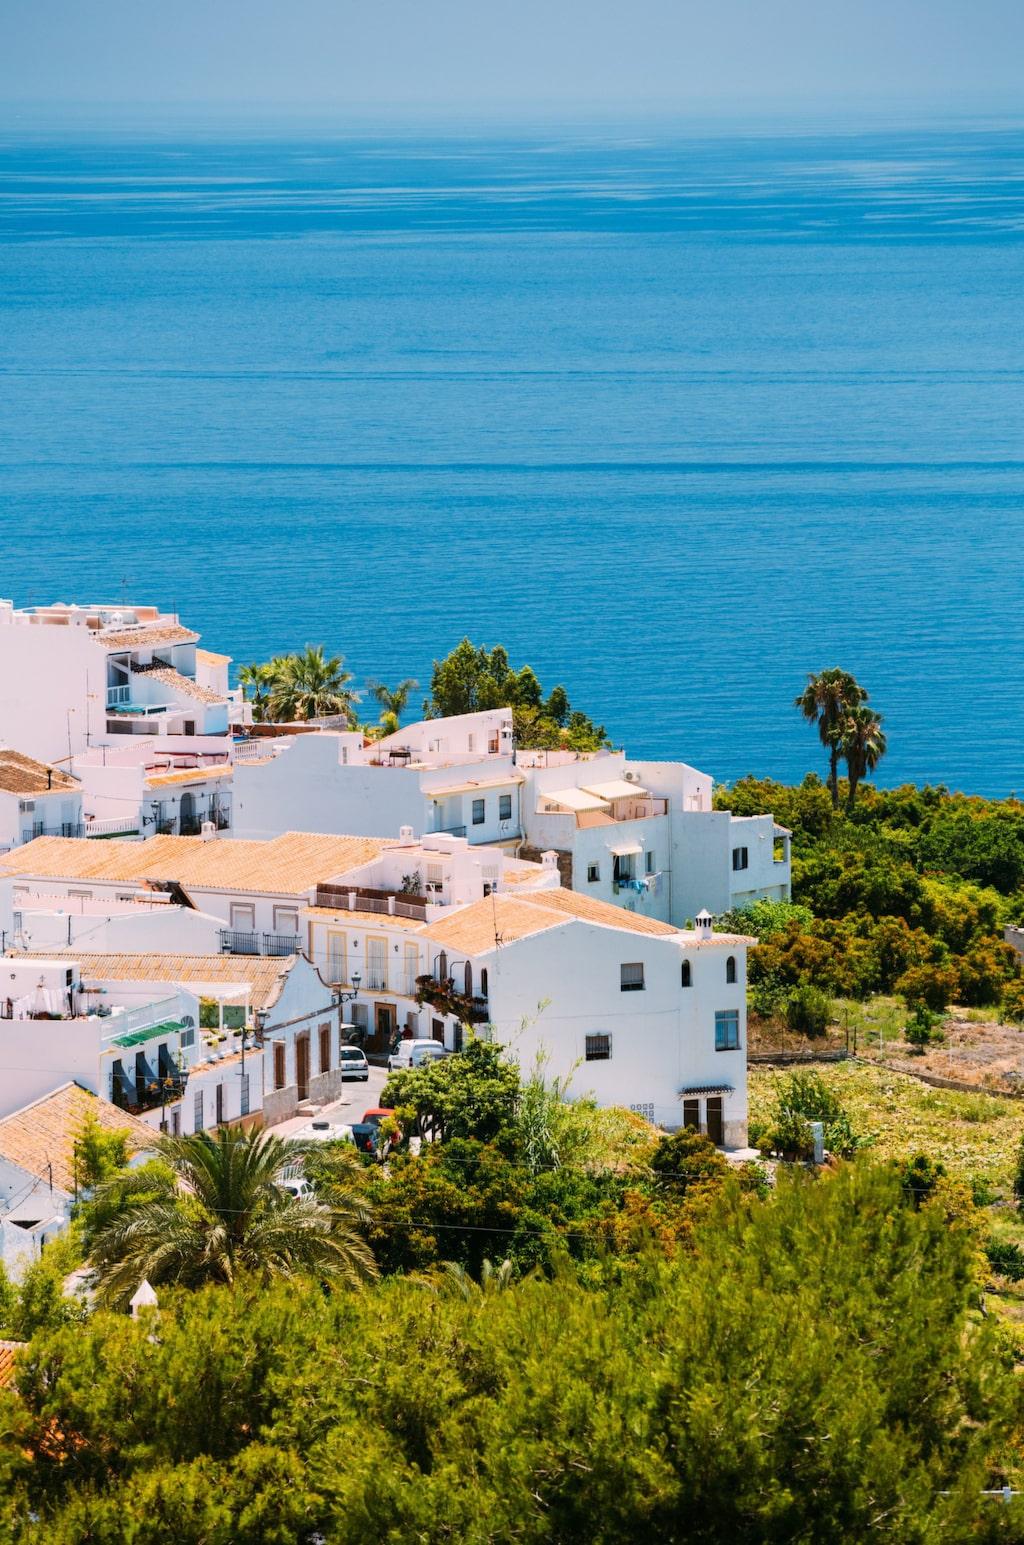 Med lite planering och eftertanke behöver det inte vara så krångligt att köpa ett hus inom EU.Rätt plats.